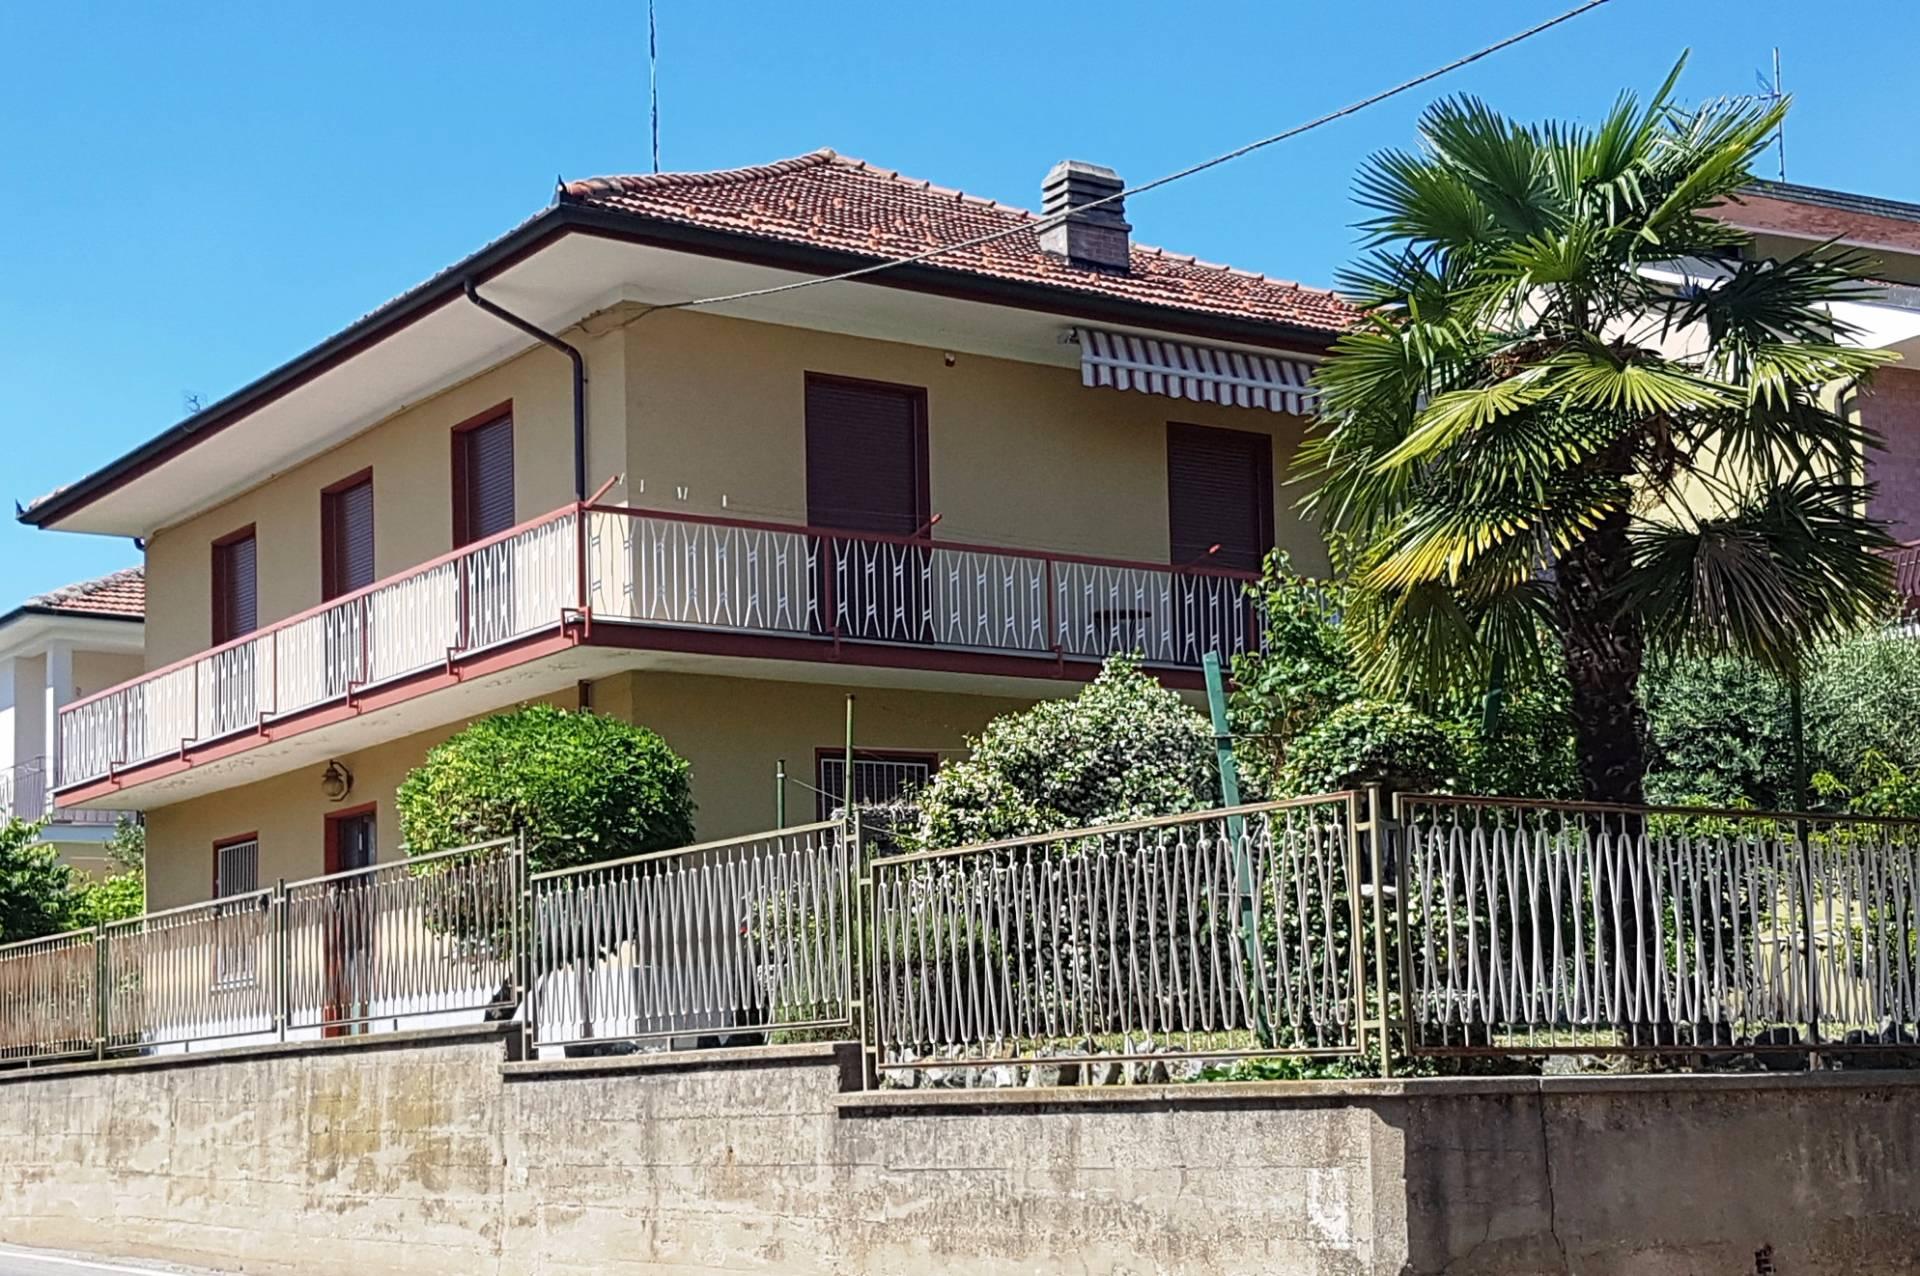 Soluzione Indipendente in vendita a Chieri, 8 locali, prezzo € 315.000 | CambioCasa.it